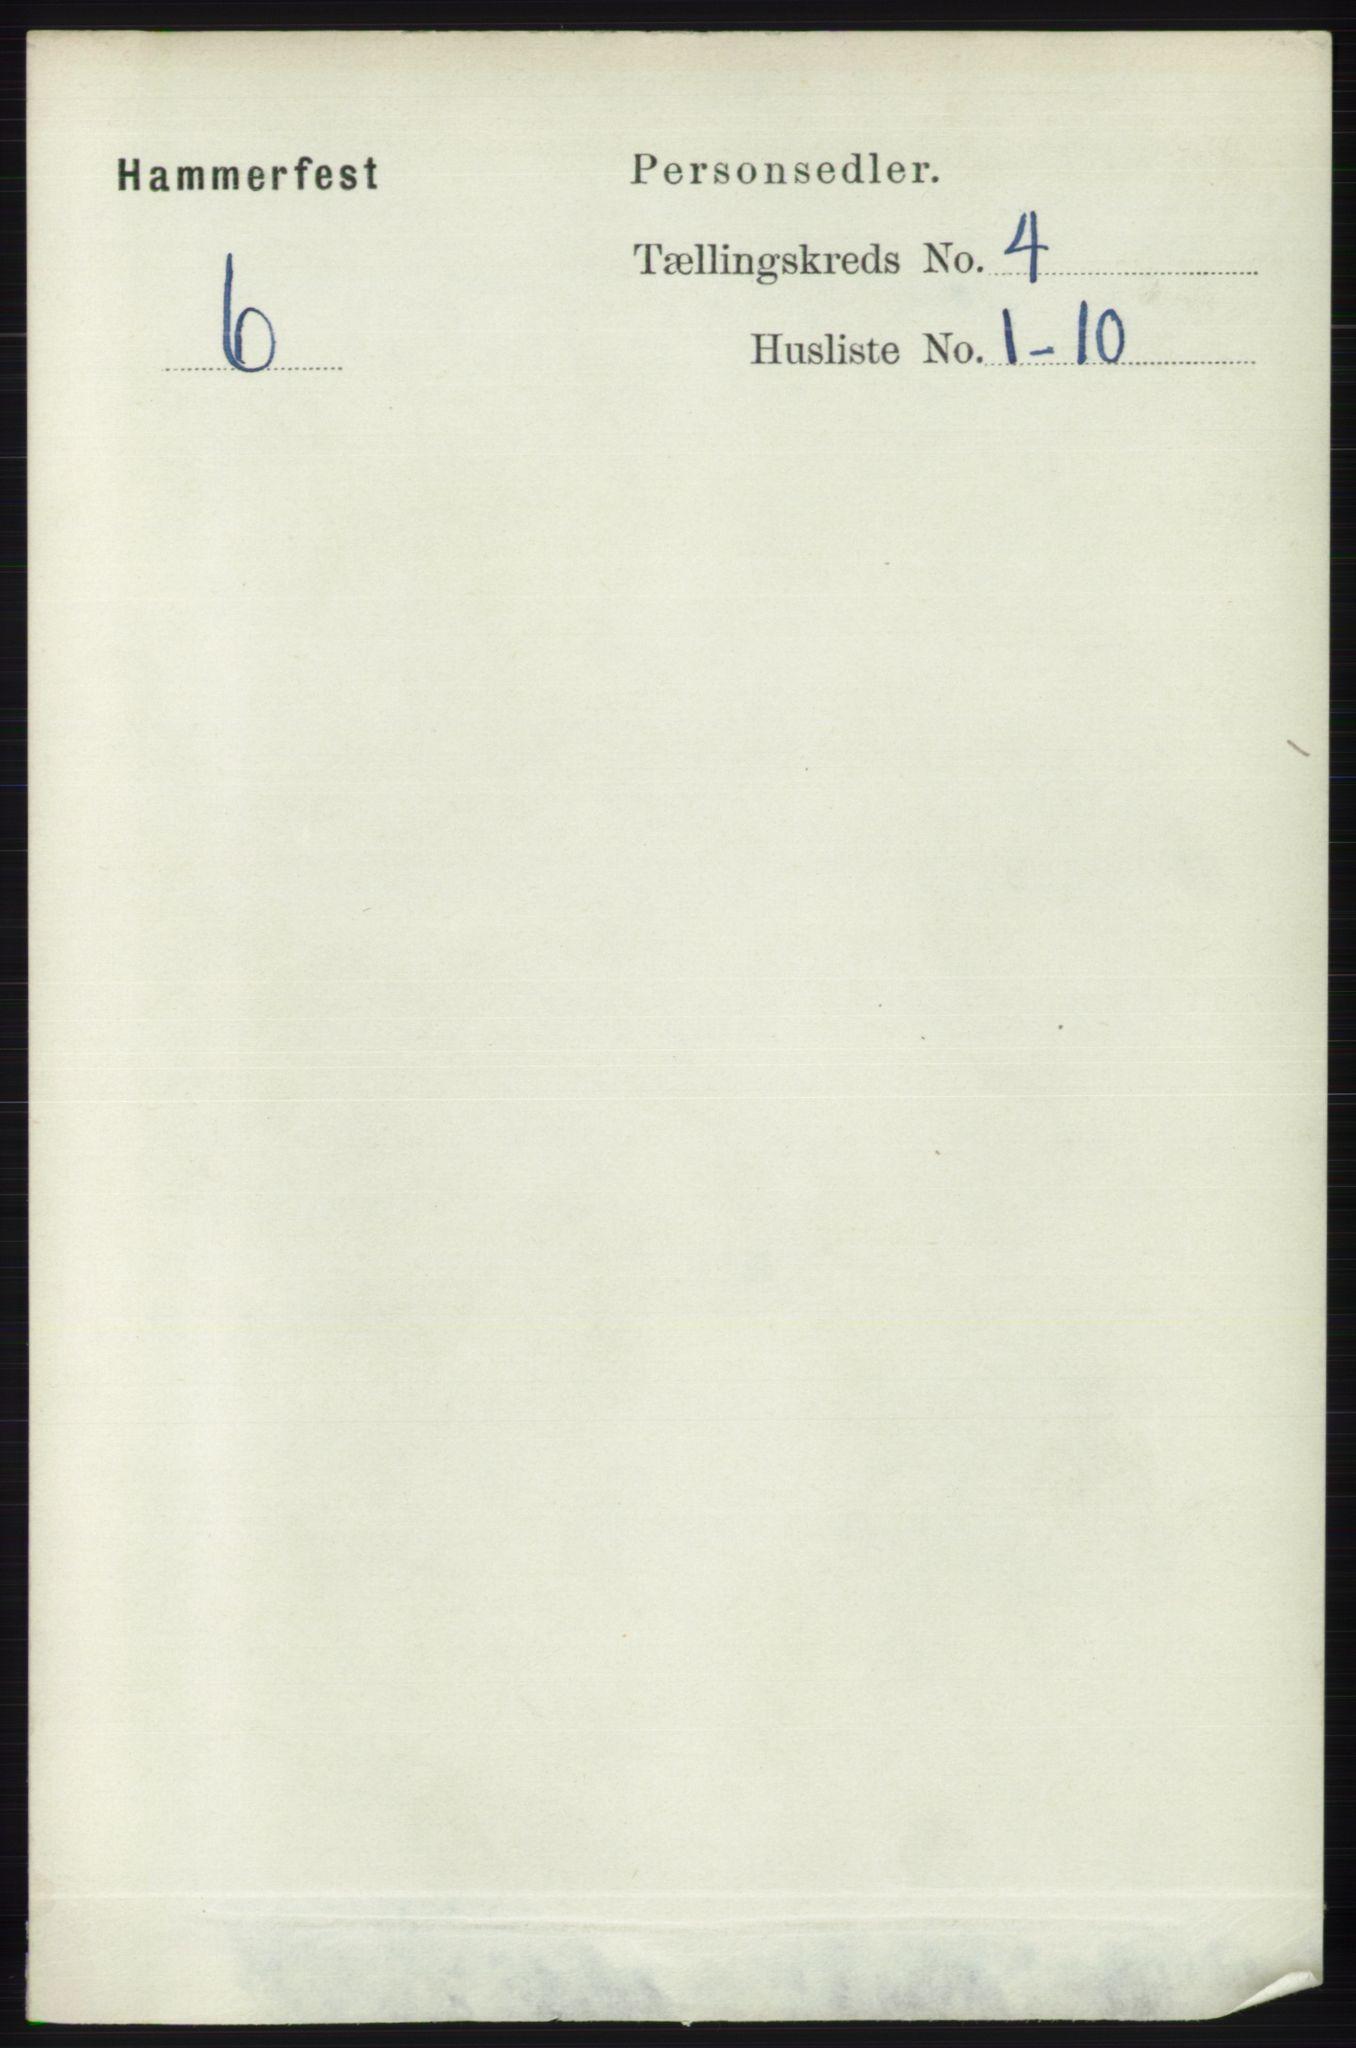 RA, Folketelling 1891 for 2001 Hammerfest kjøpstad, 1891, s. 905